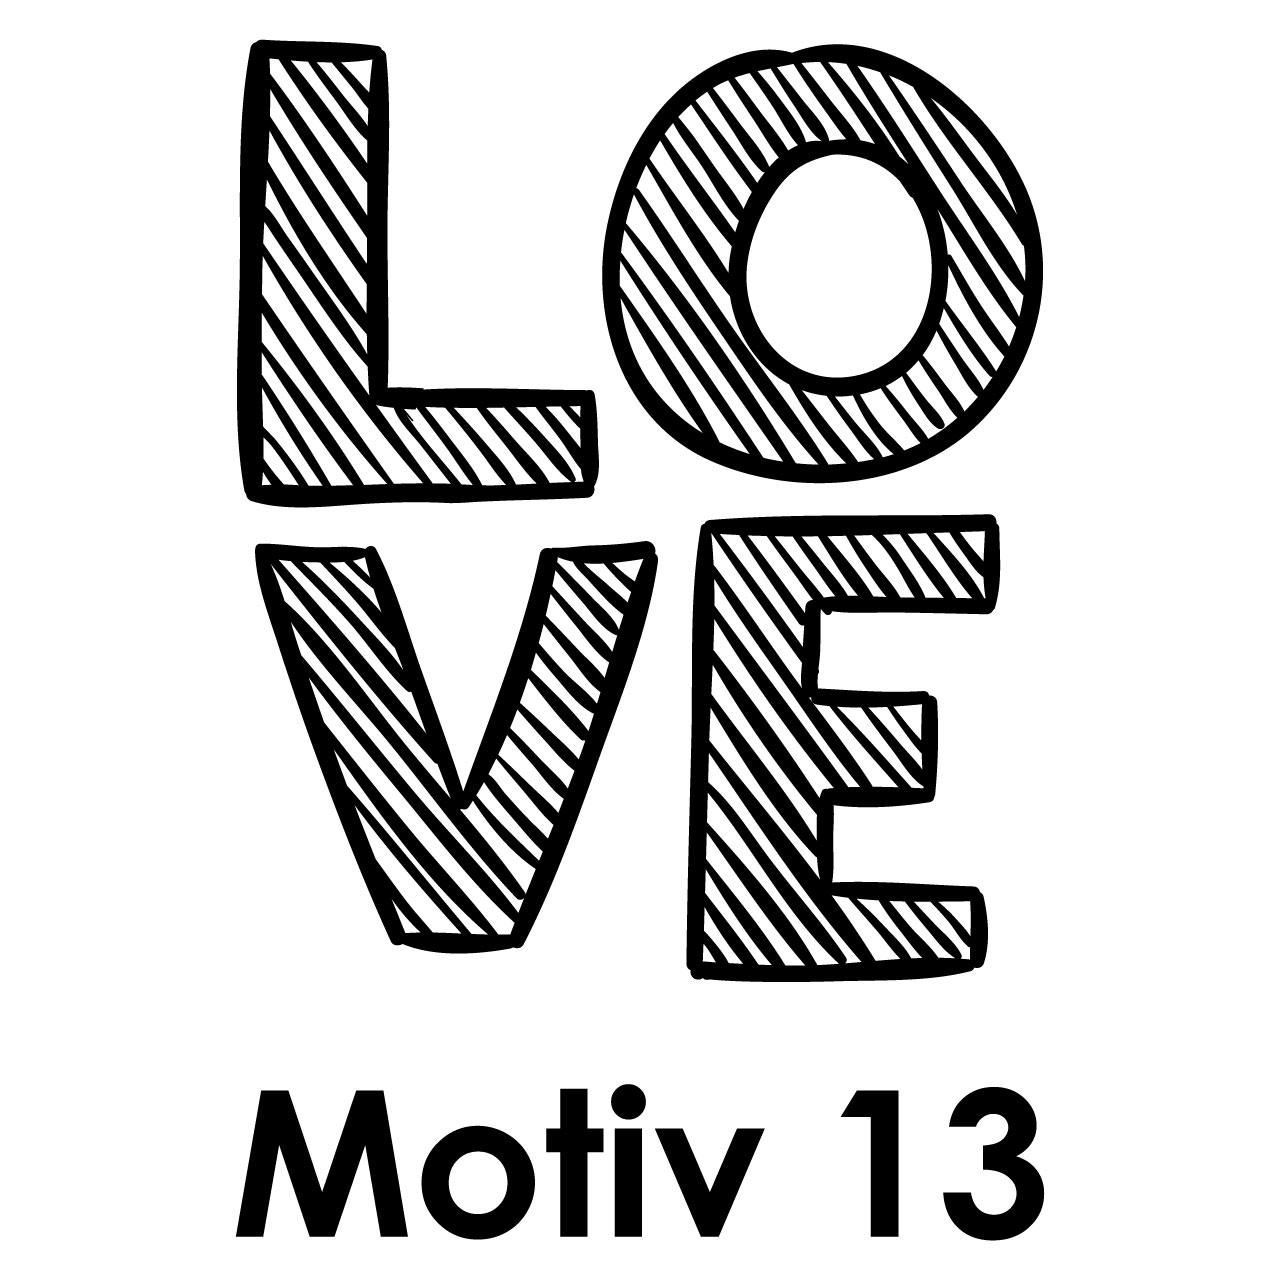 Motiv13